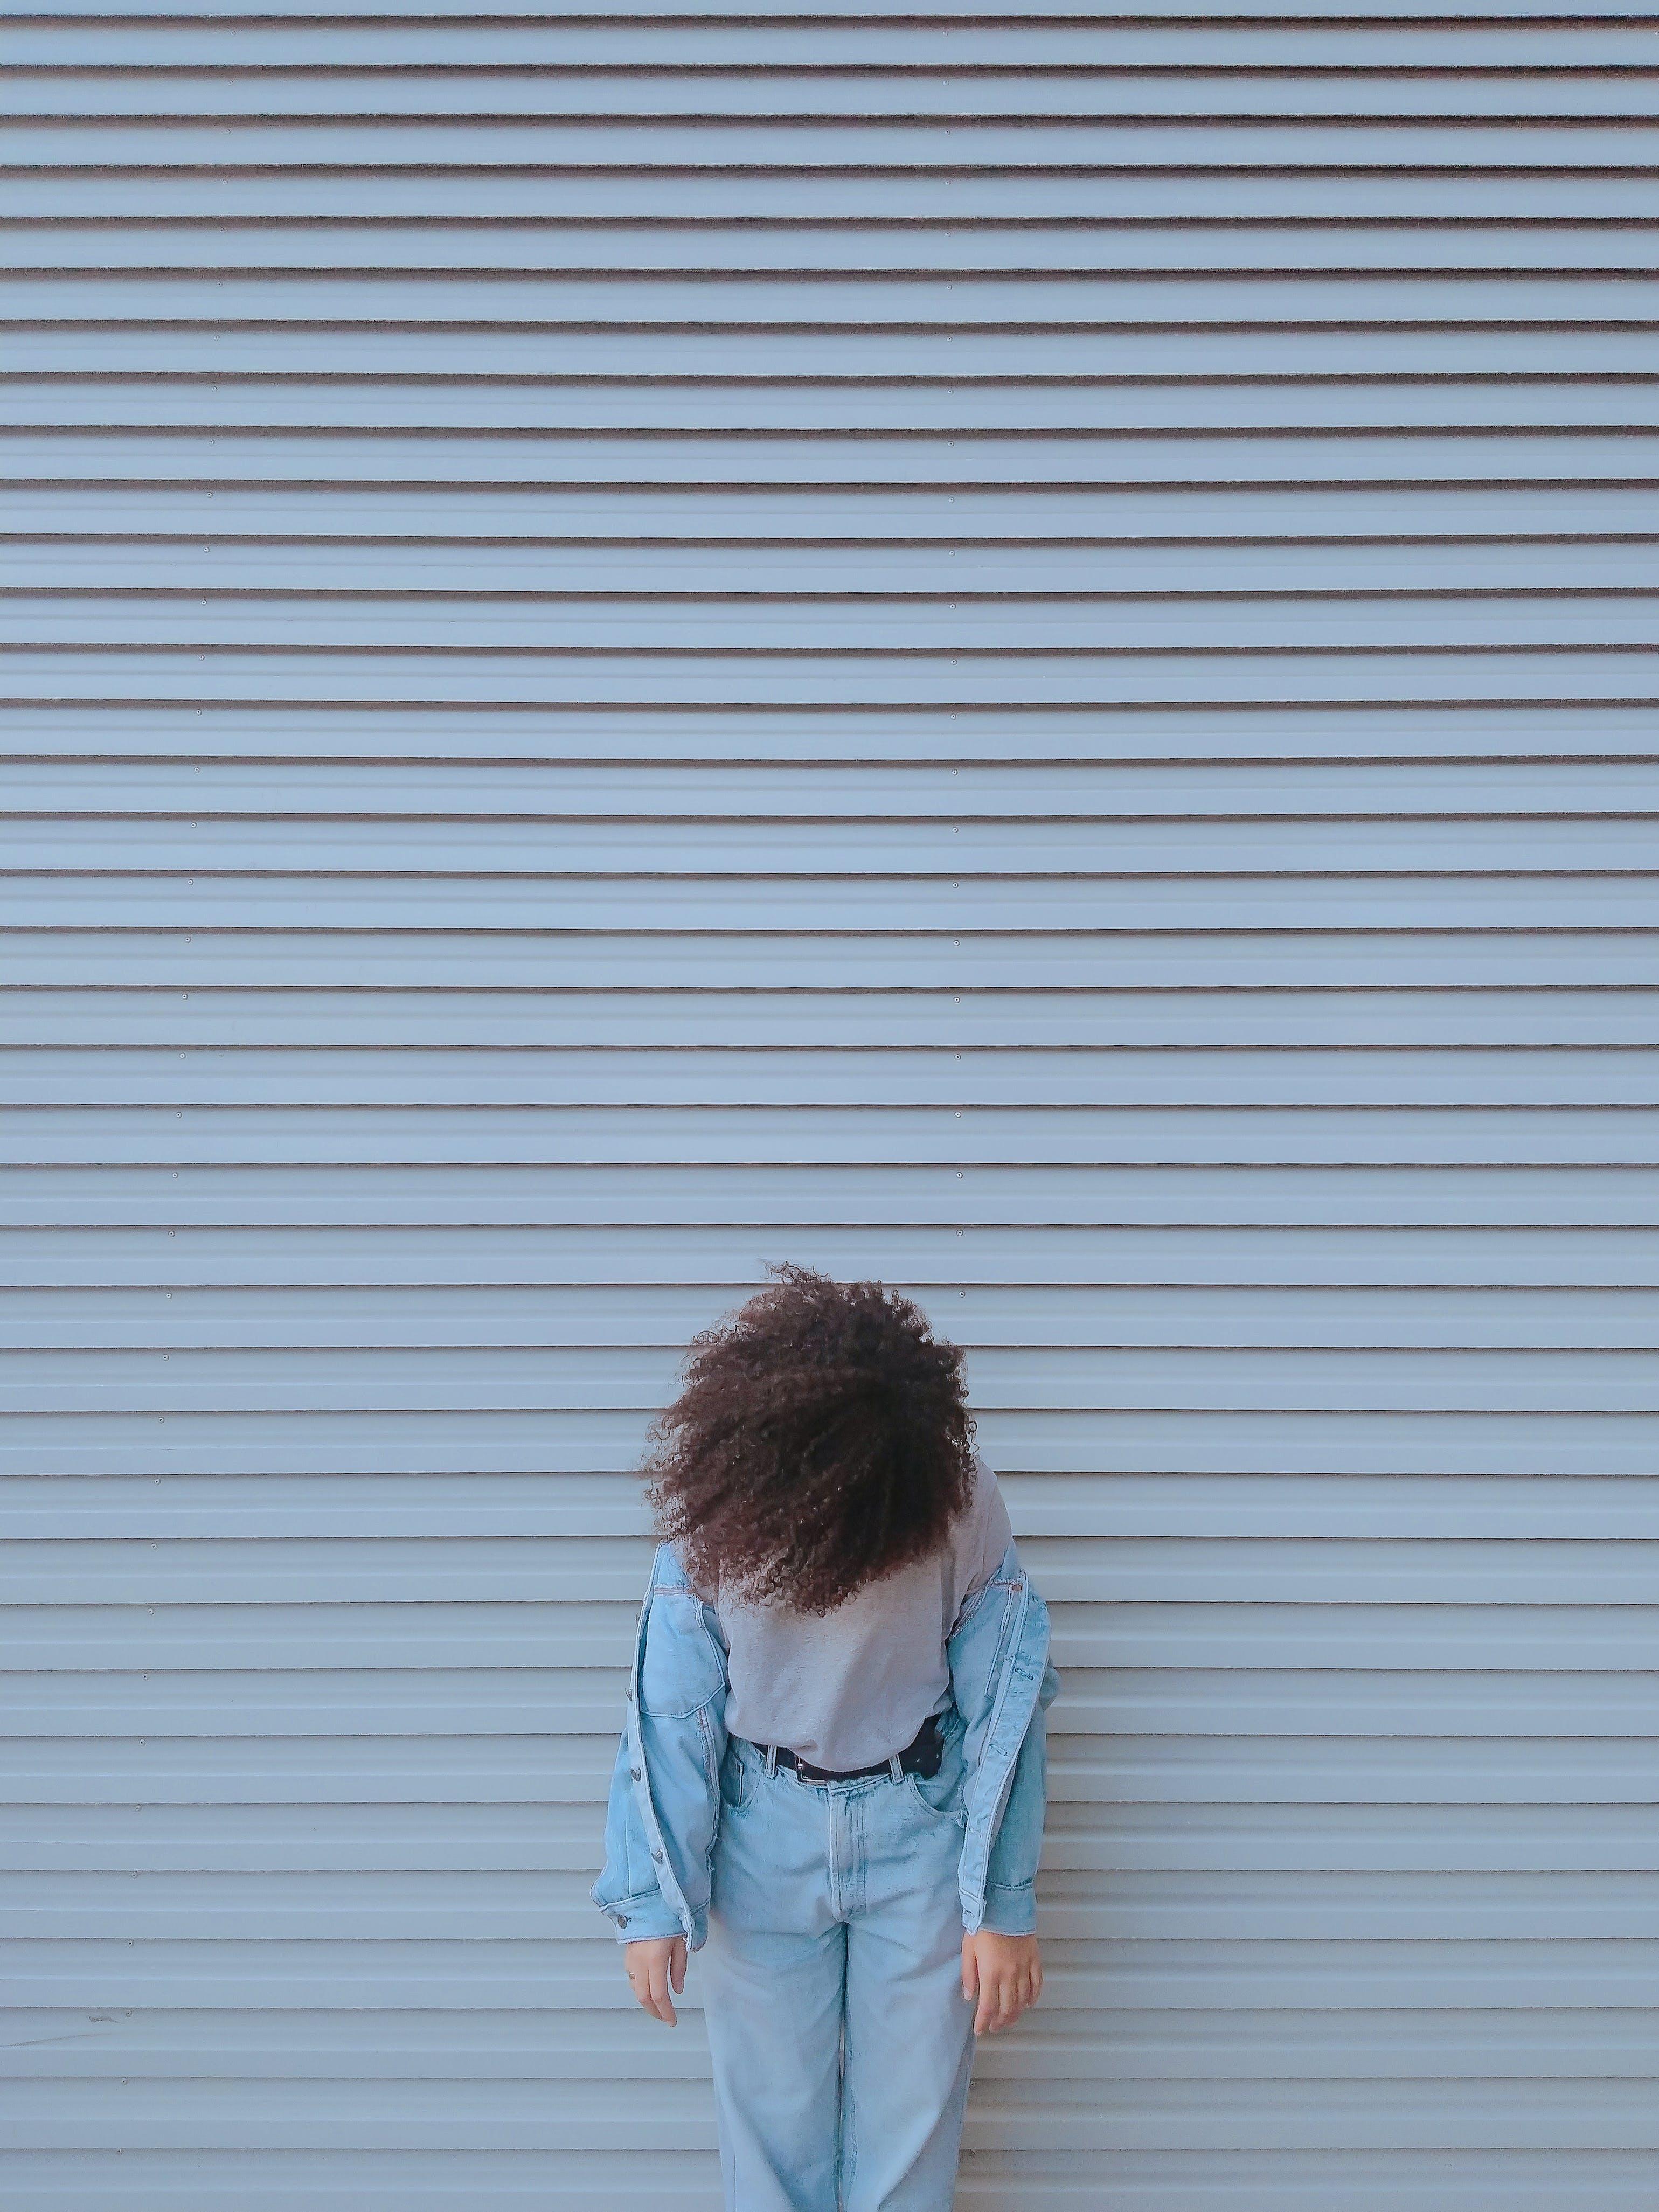 Kostenloses Stock Foto zu #models, denim, draußen, erwachsener